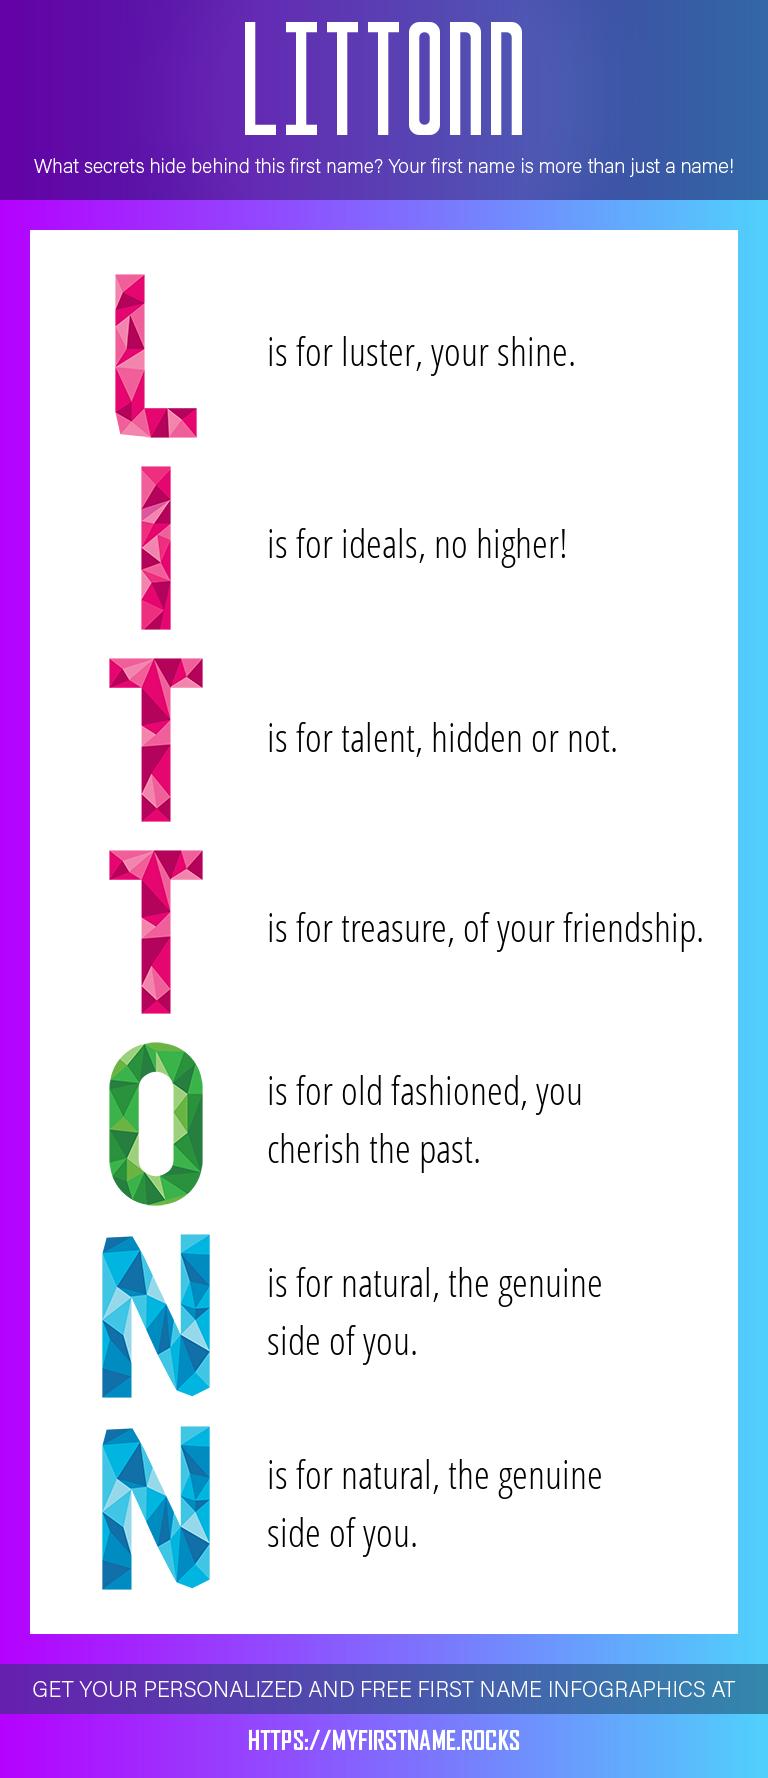 Littonn Infographics